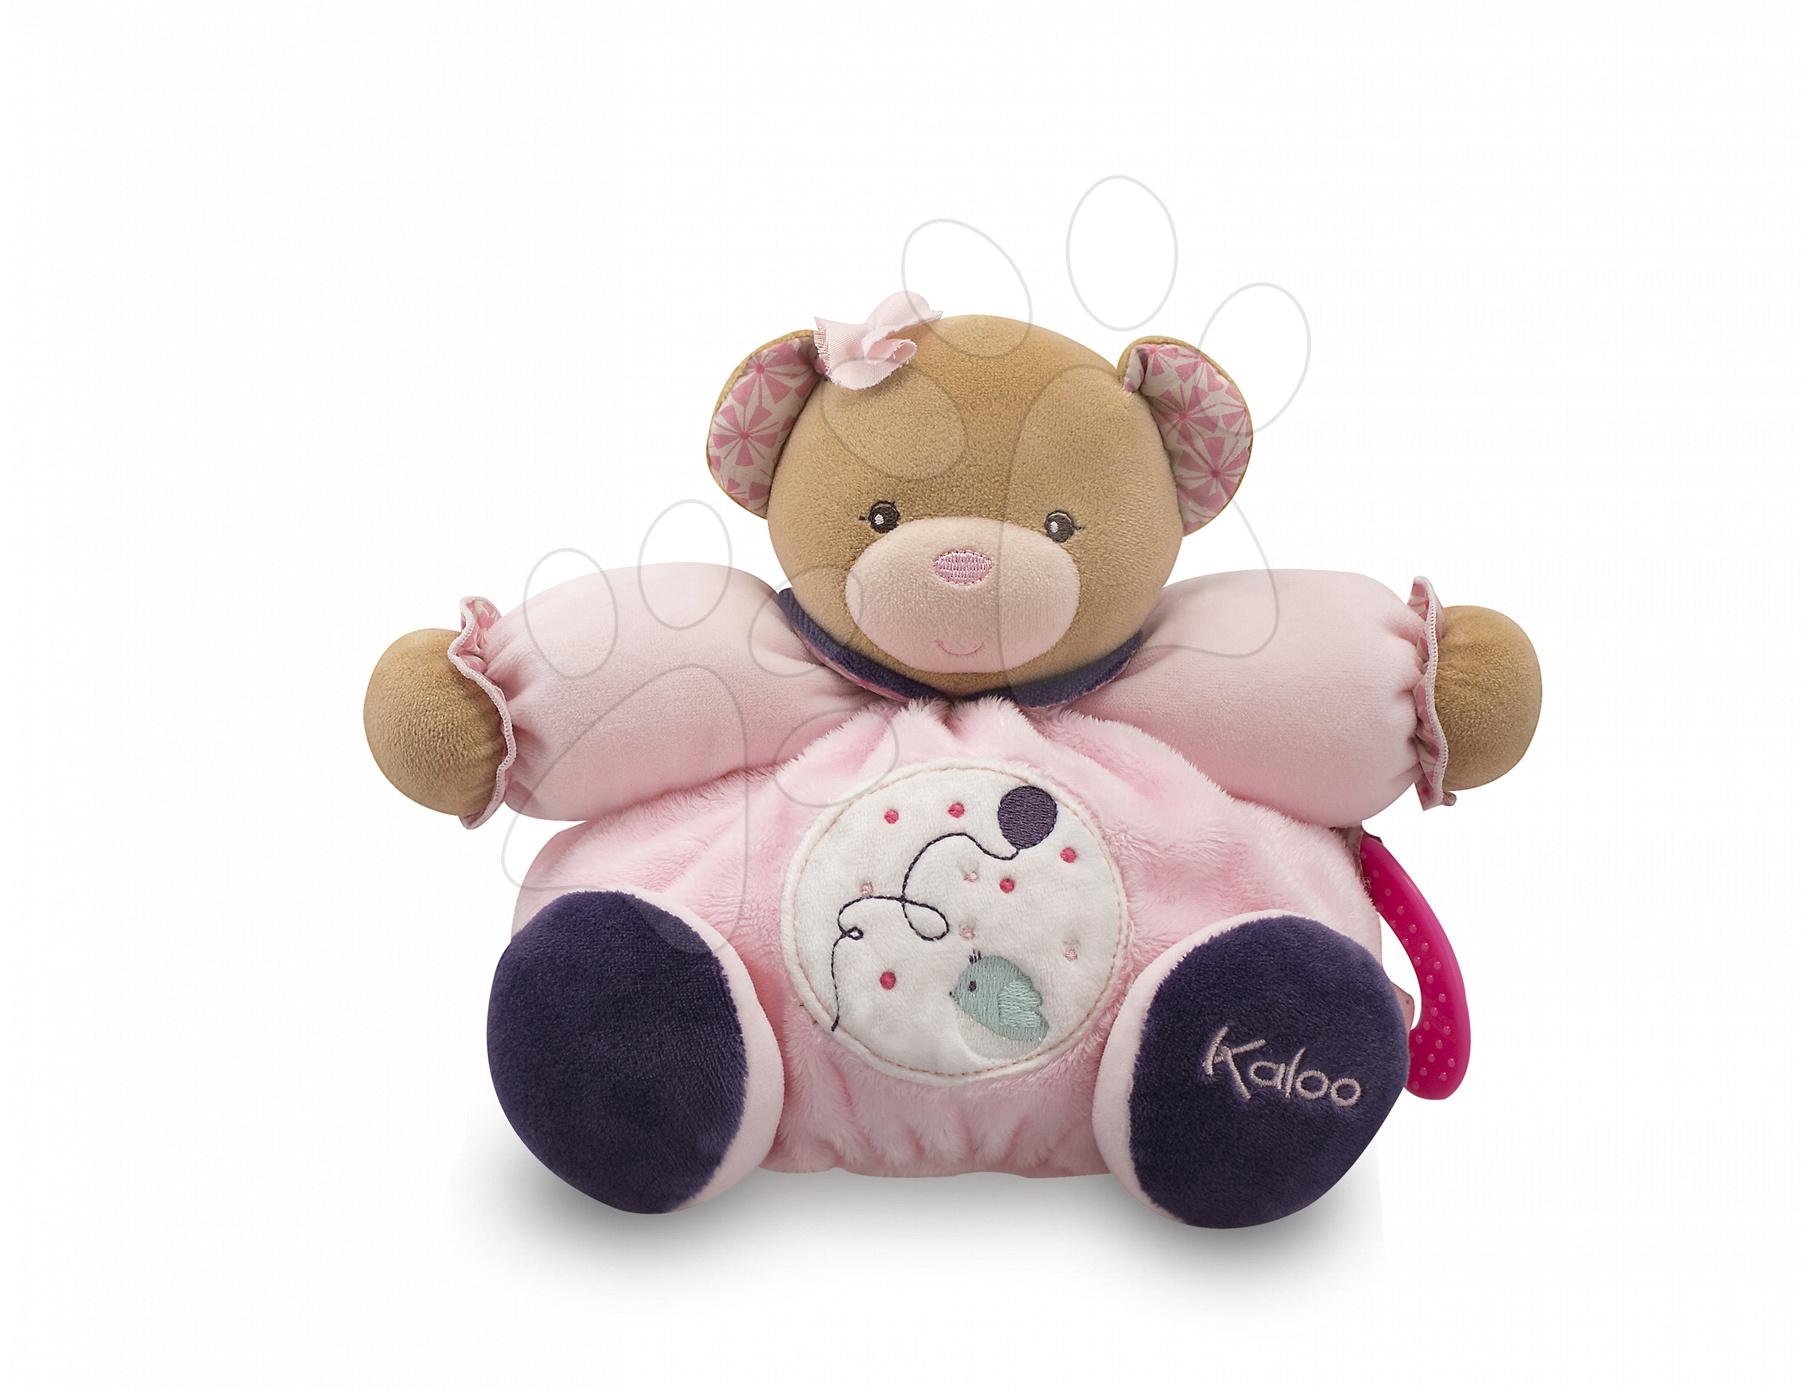 Plyšový medvídek Petite Rose-Chubby Bear Baloon Kaloo s kousátkem 25 cm v dárkovém balení pro nejmenší růžový